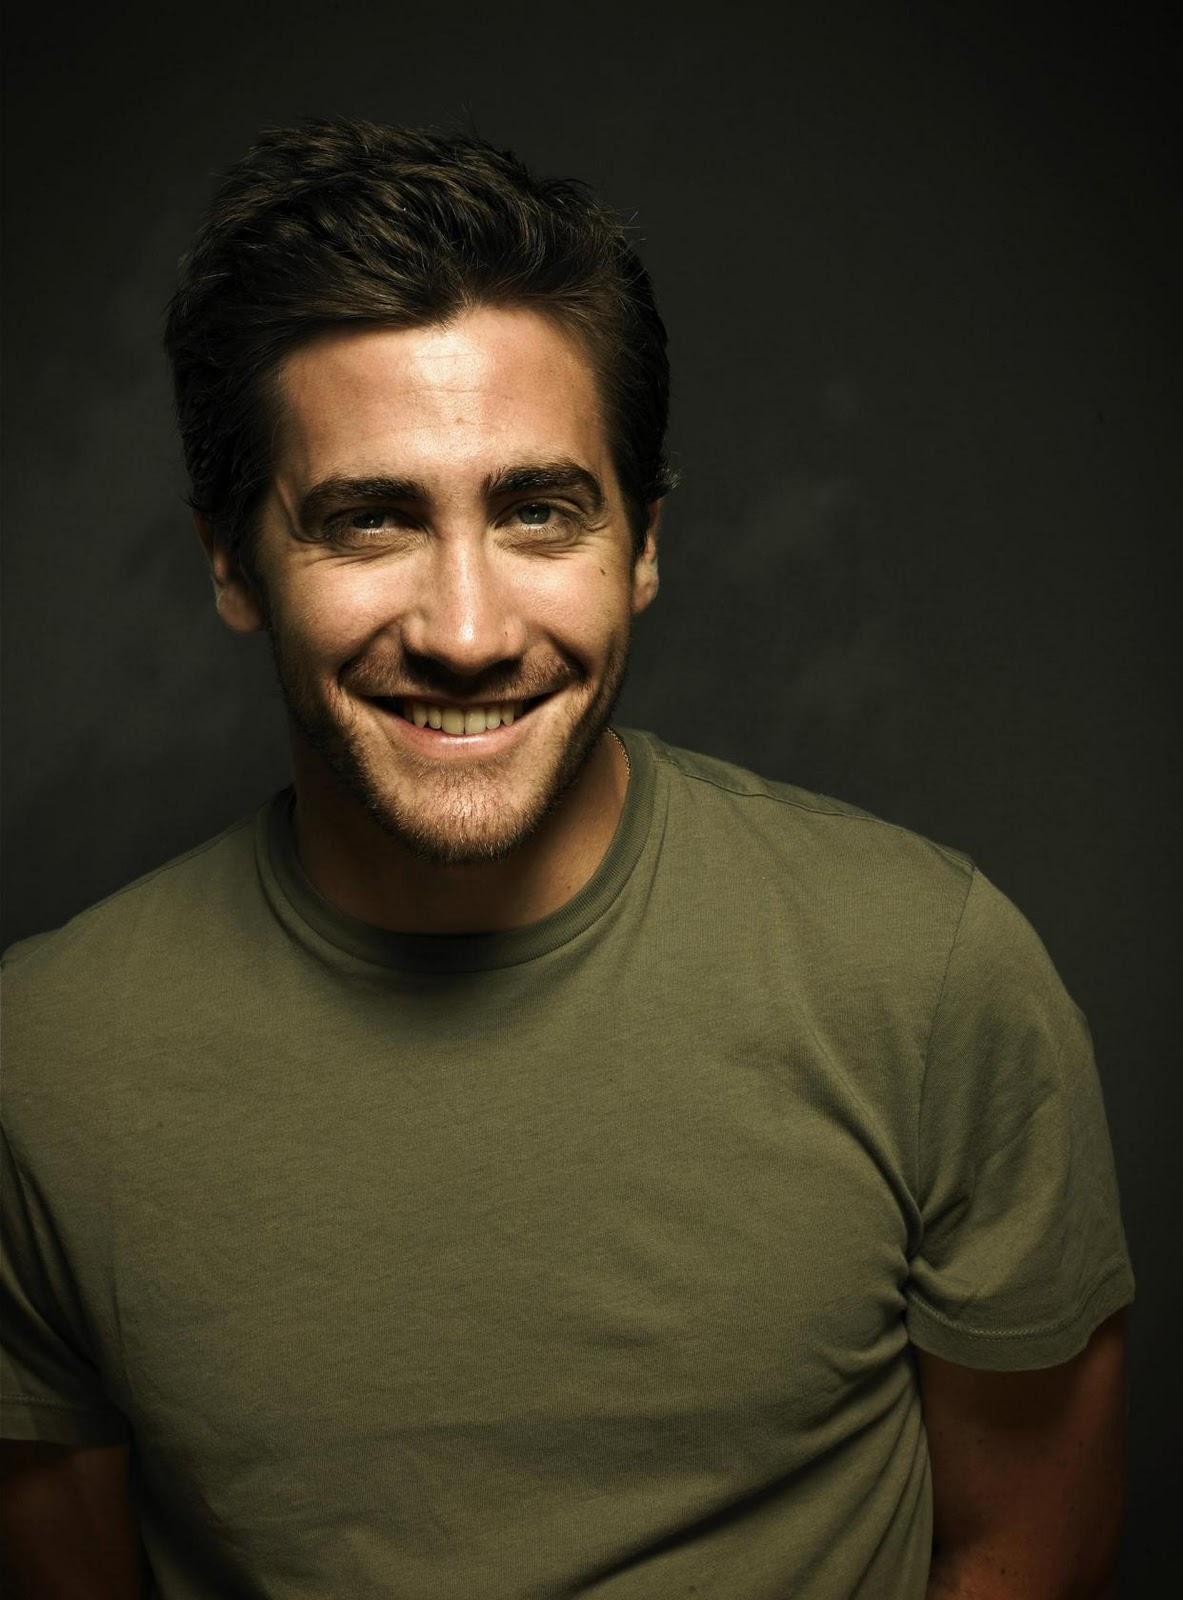 http://1.bp.blogspot.com/_779ASzdHFJU/TSoyGB8_P4I/AAAAAAAAAAQ/vVrgrAR-uTw/s1600/Jake-Gyllenhaal-Actor.jpg